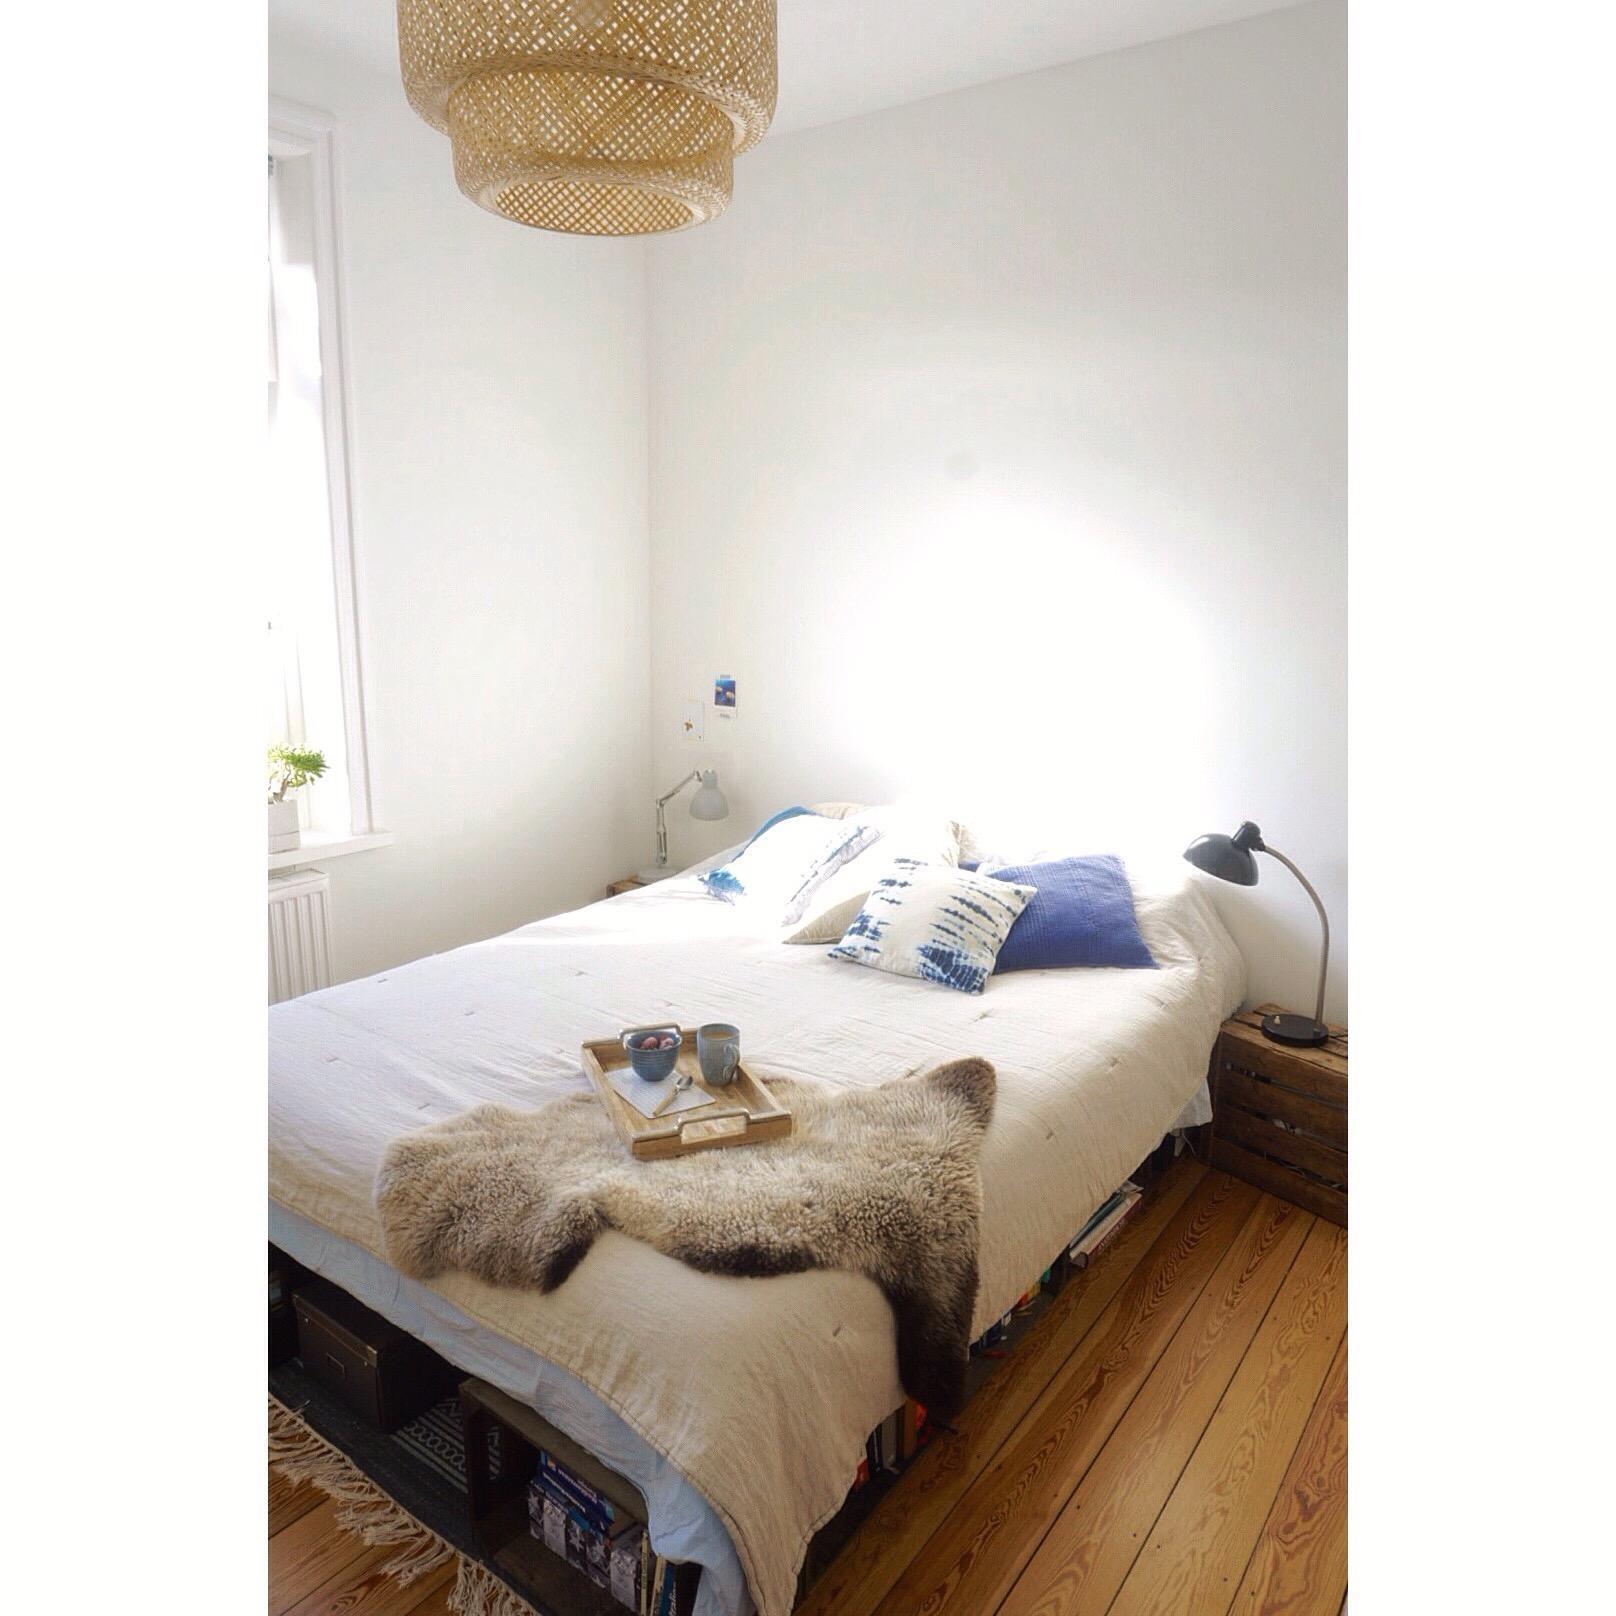 Extrem schlafzimmer mit #diy #bett aus #obstkisten #leinen... IM88